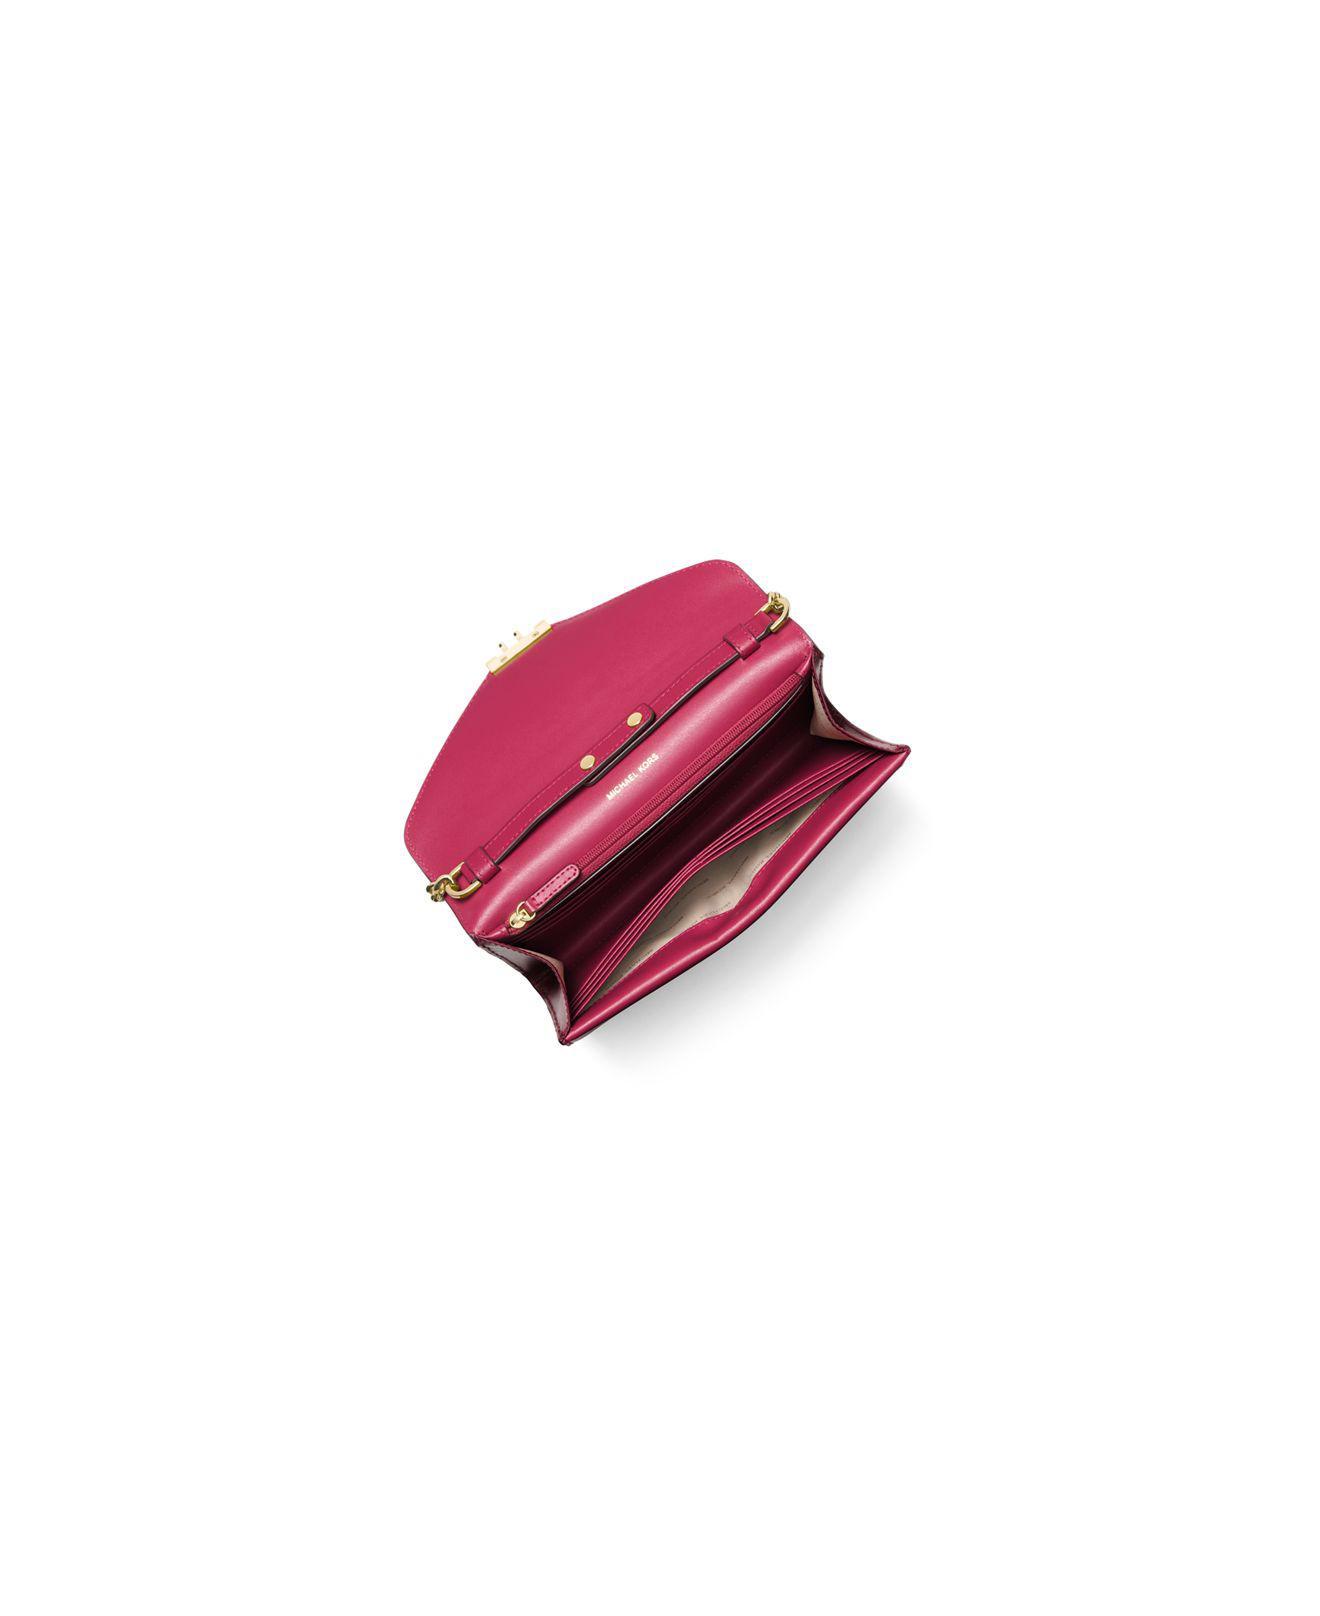 a246dcb3b02c78 MICHAEL Michael Kors Sloan Envelope Color Block Large Leather Chain ...